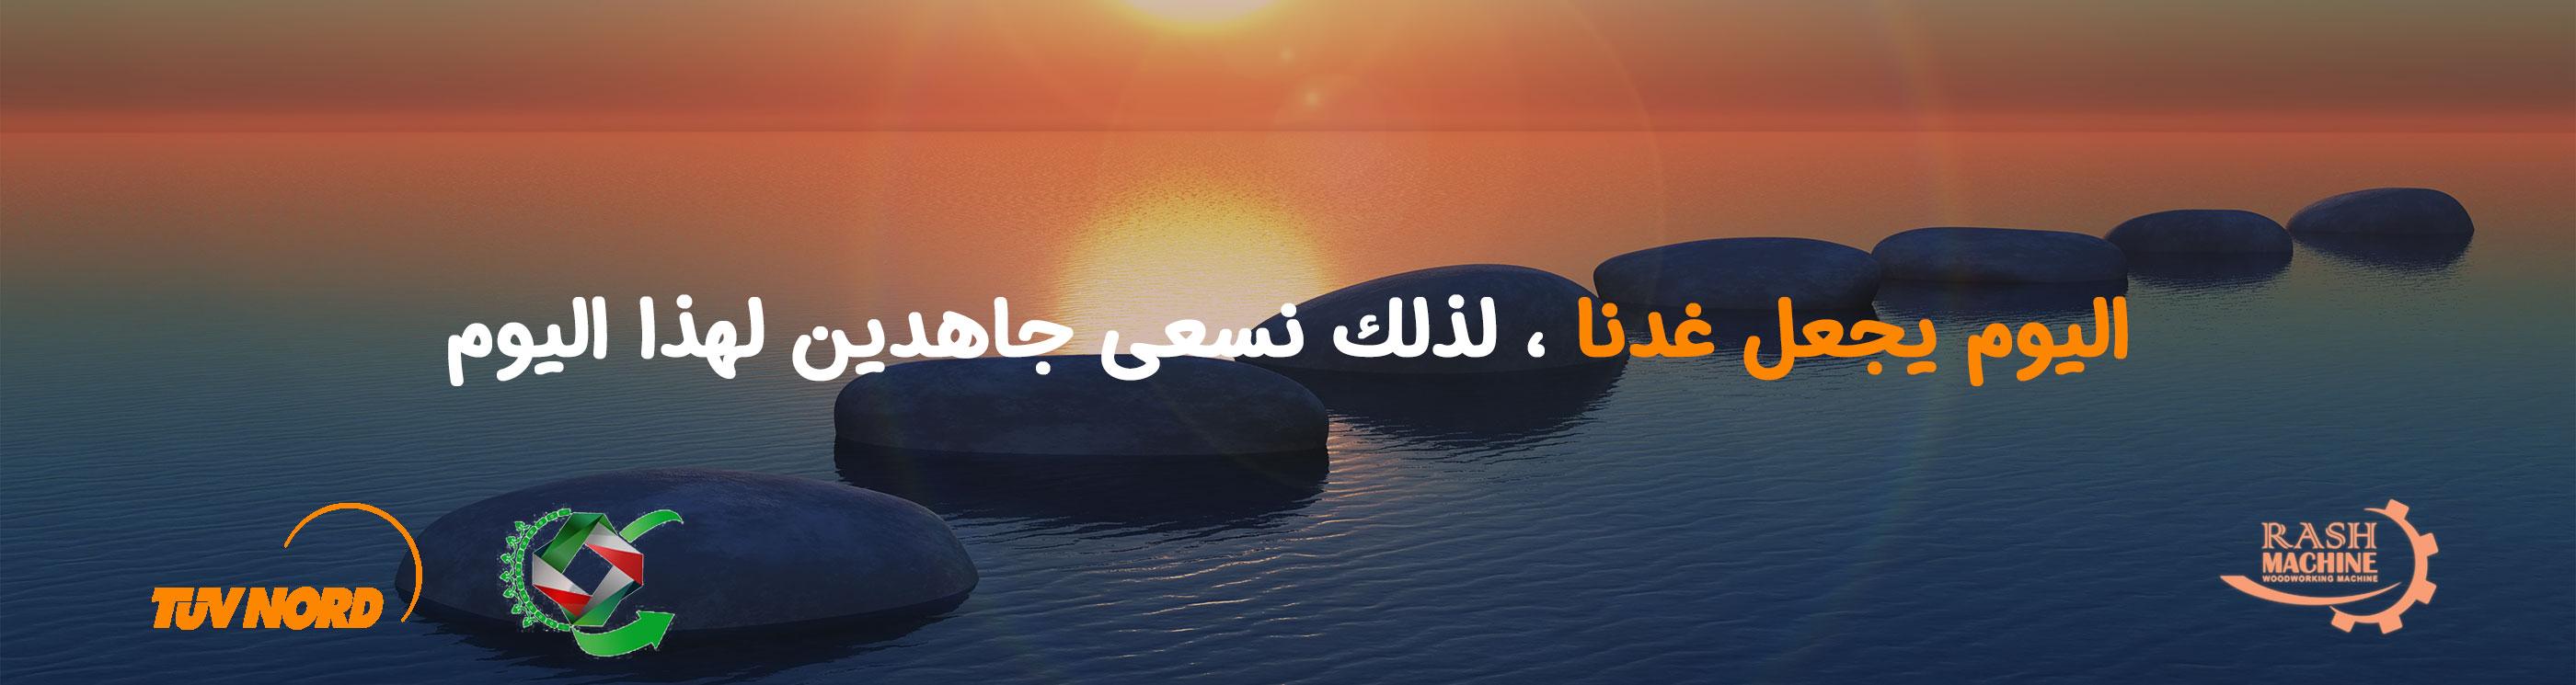 آینده ی شرکت دانش بنیان راش ماشین (عربی)